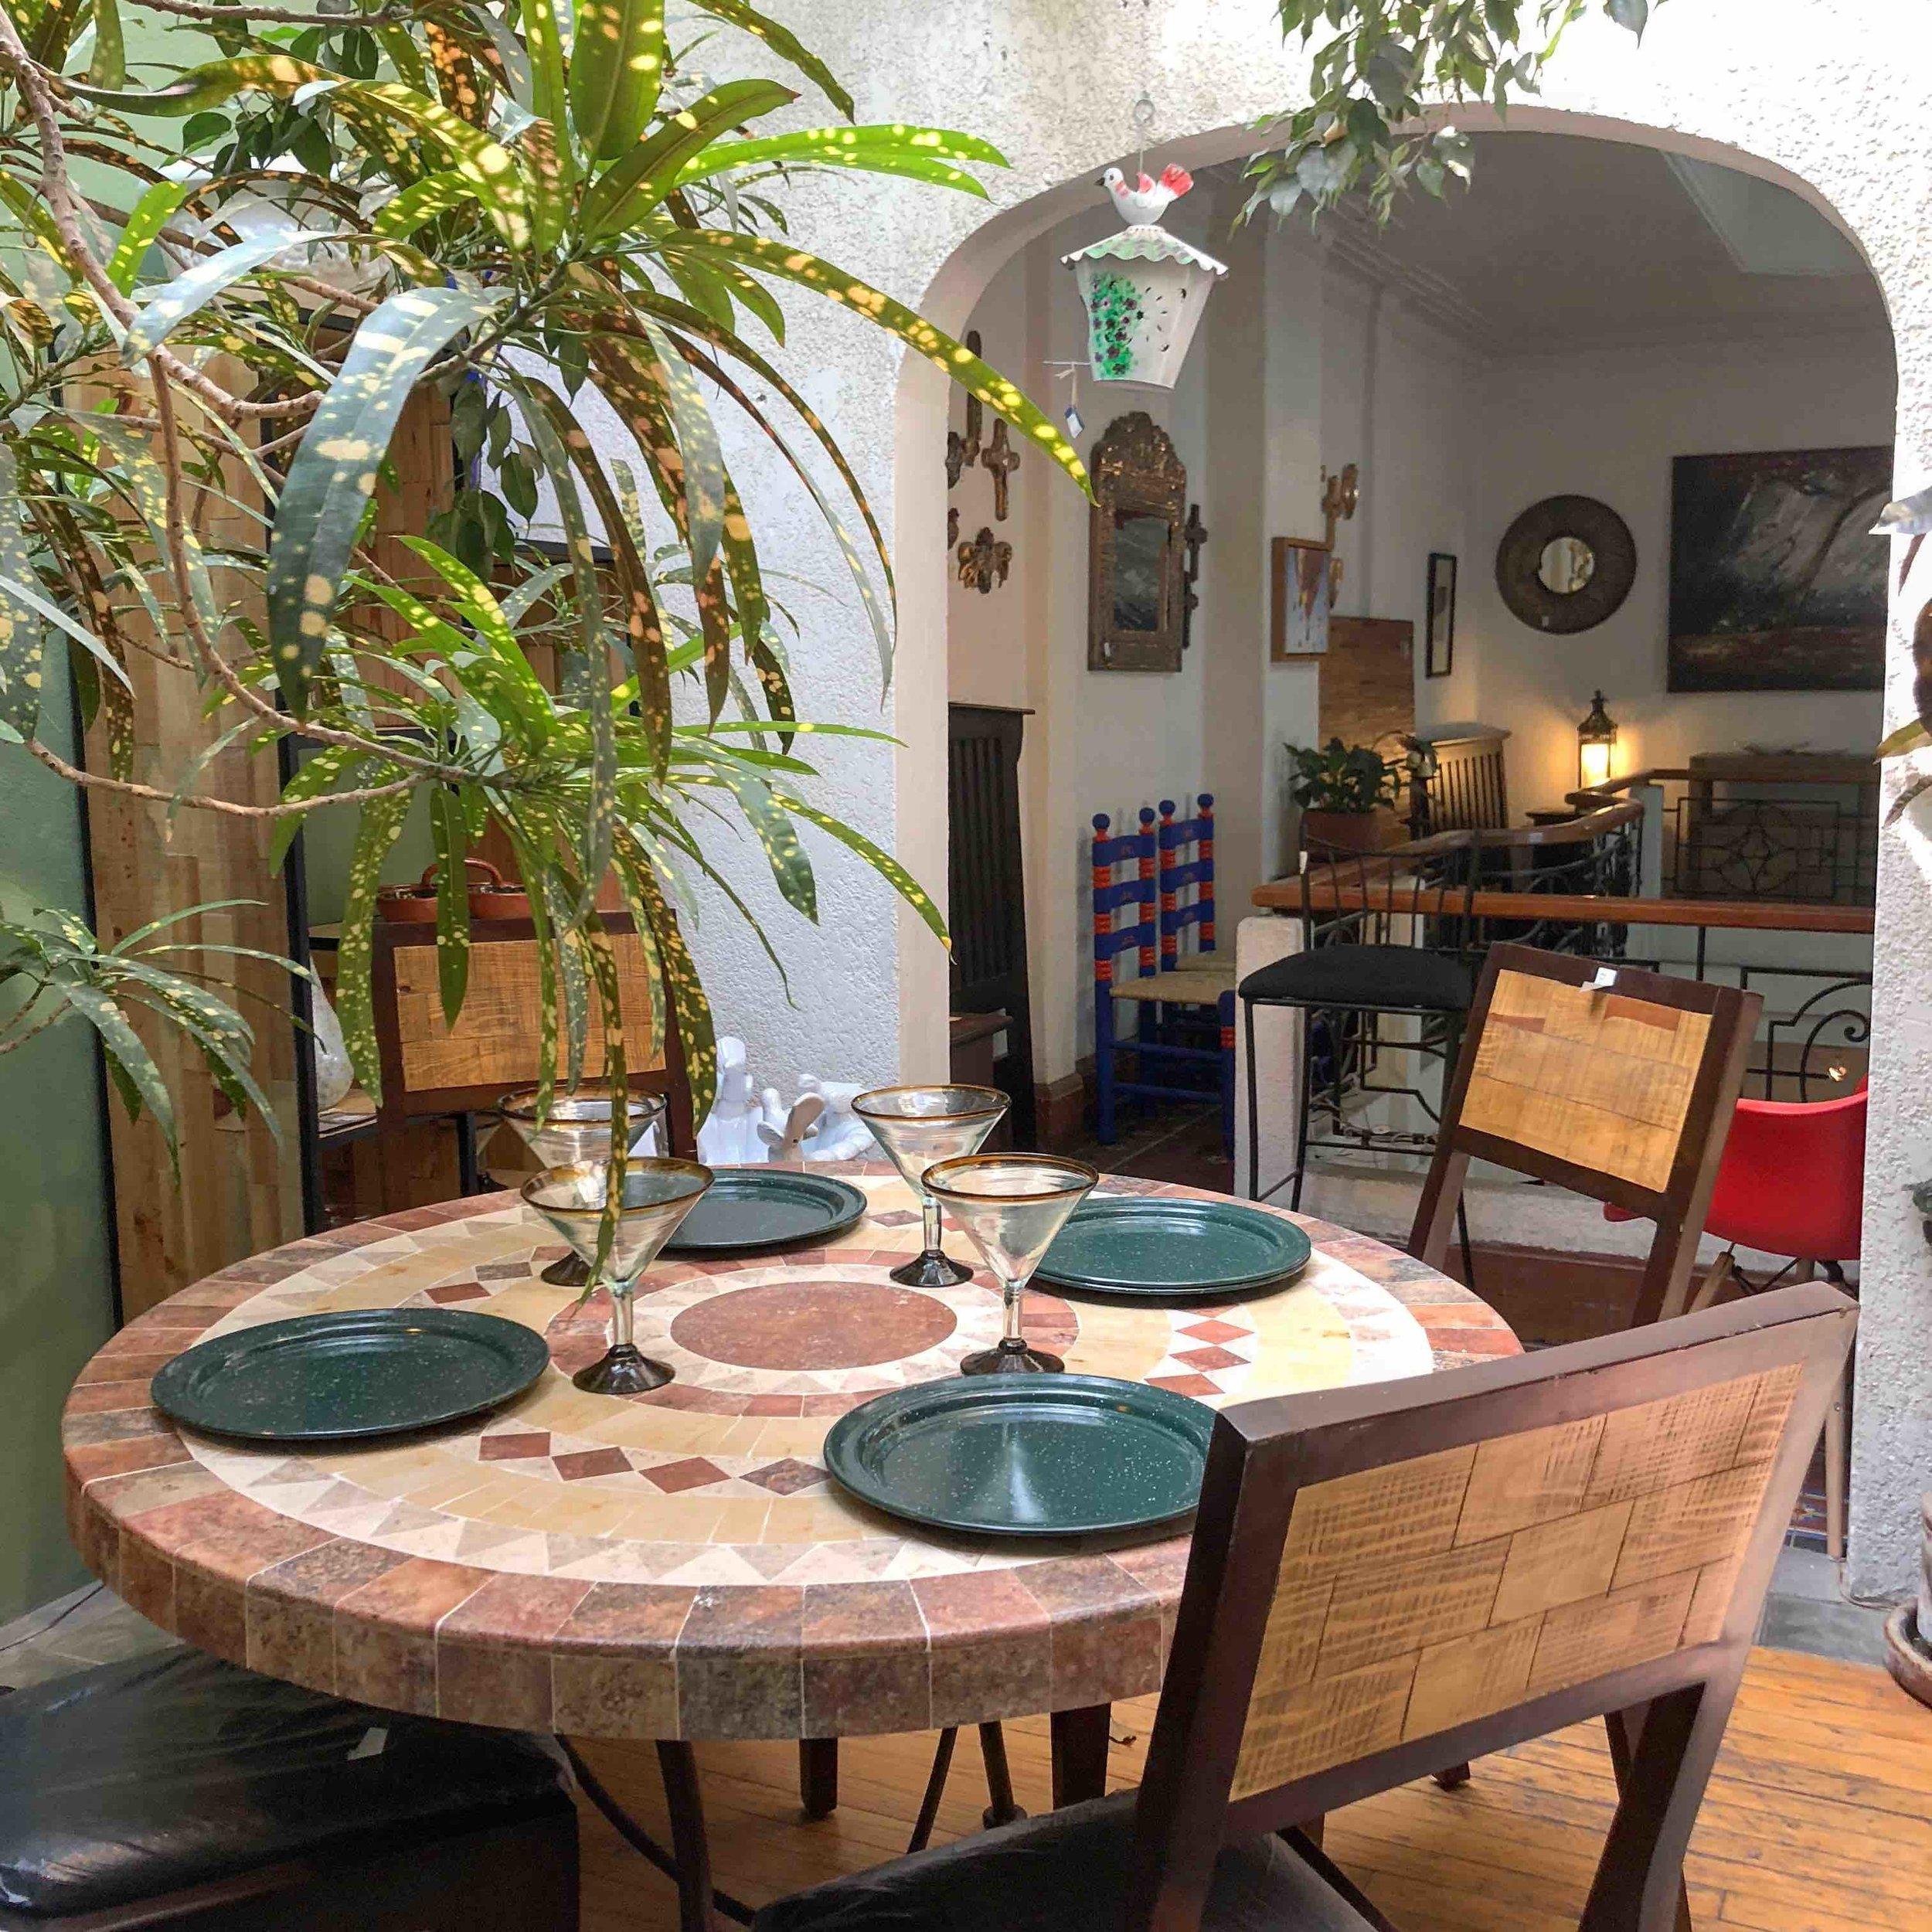 Comedor Cantera - Diámetro 120cm - $8,325Silla Taxco con Tule - $2,470Silla Madera $1,980